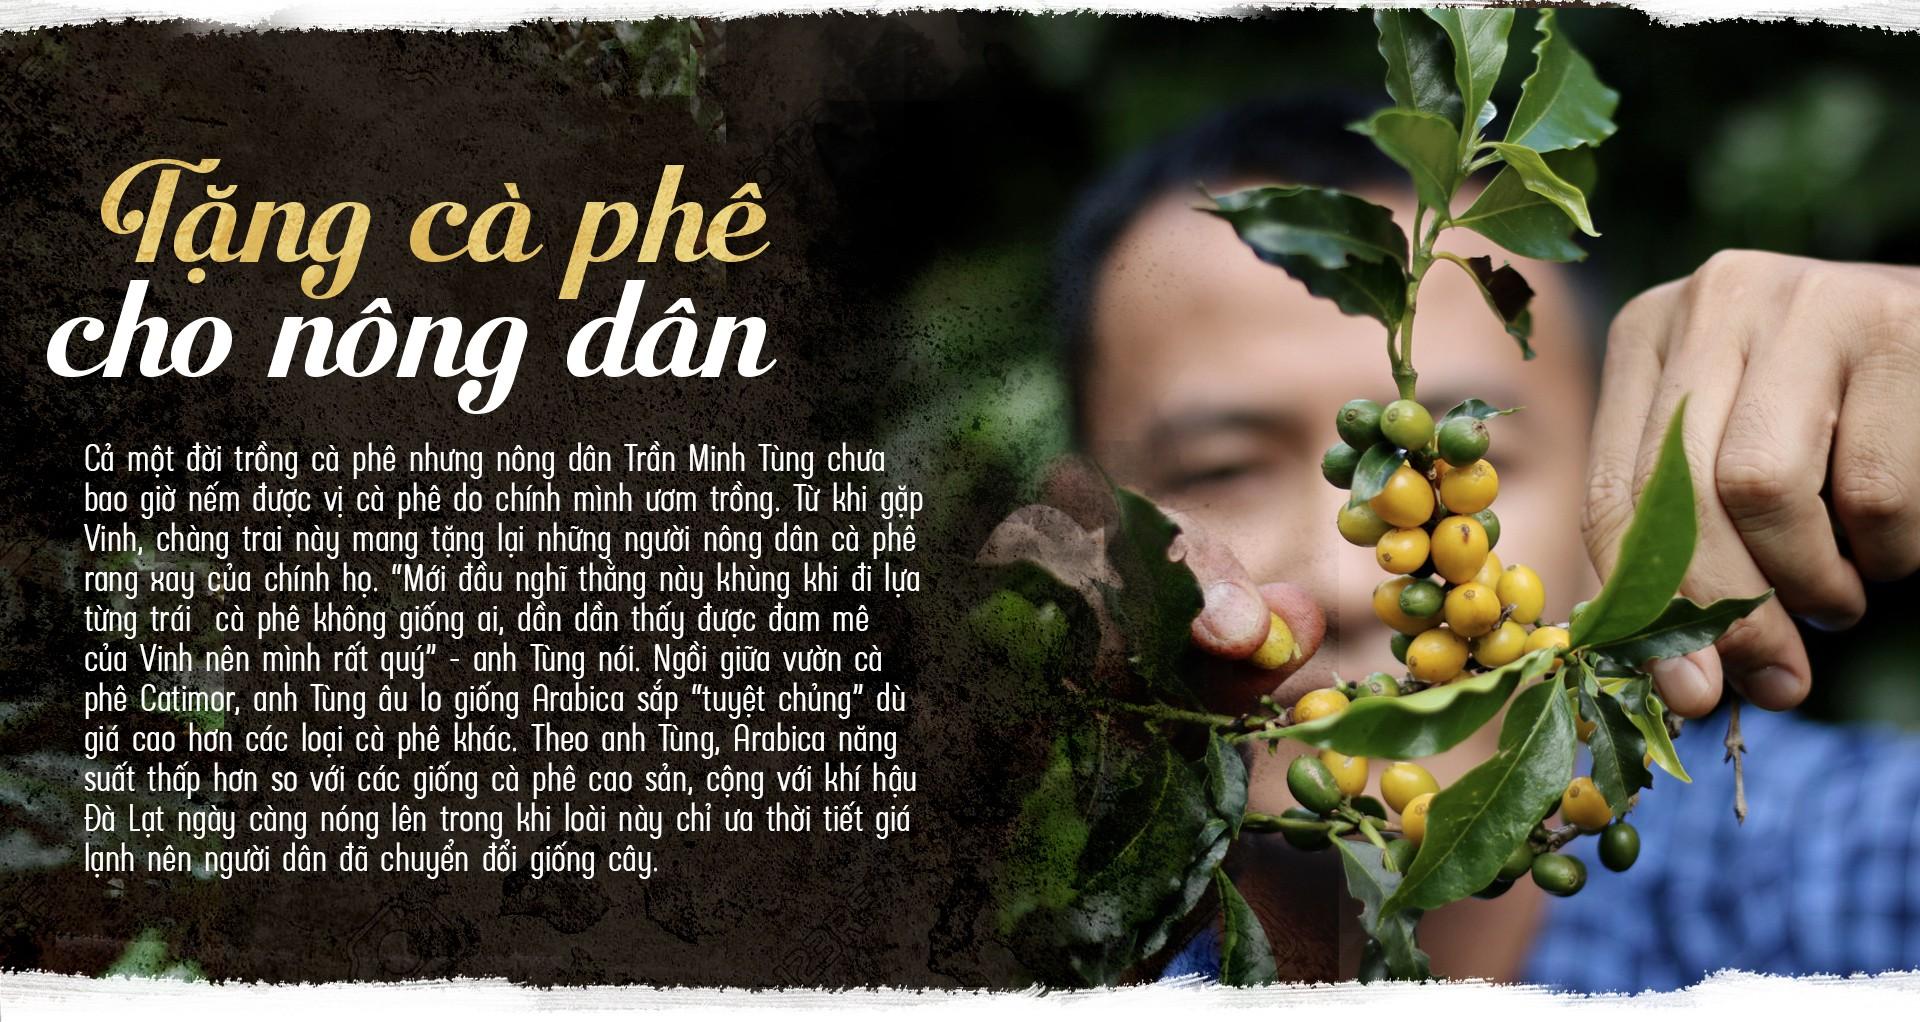 Tinh hoa đất rừng Đà Lạt trong tách cà phê - Ảnh 13.